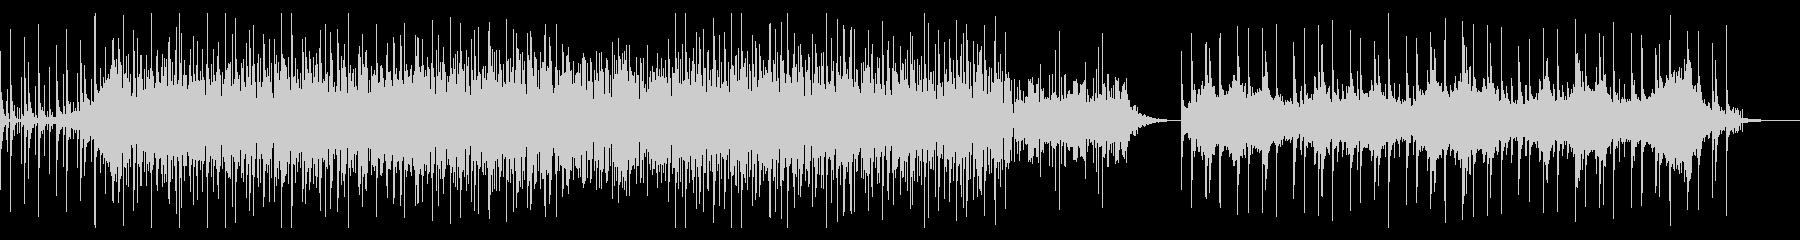 ディープなビートとハードなシンセベースの未再生の波形